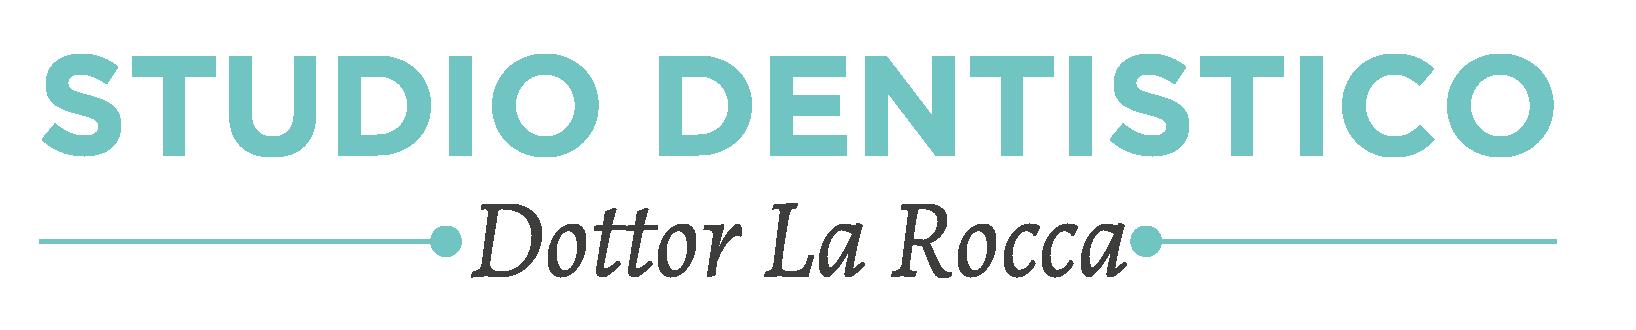 STUDIO DENTISTICO DOTTOR LA ROCCA